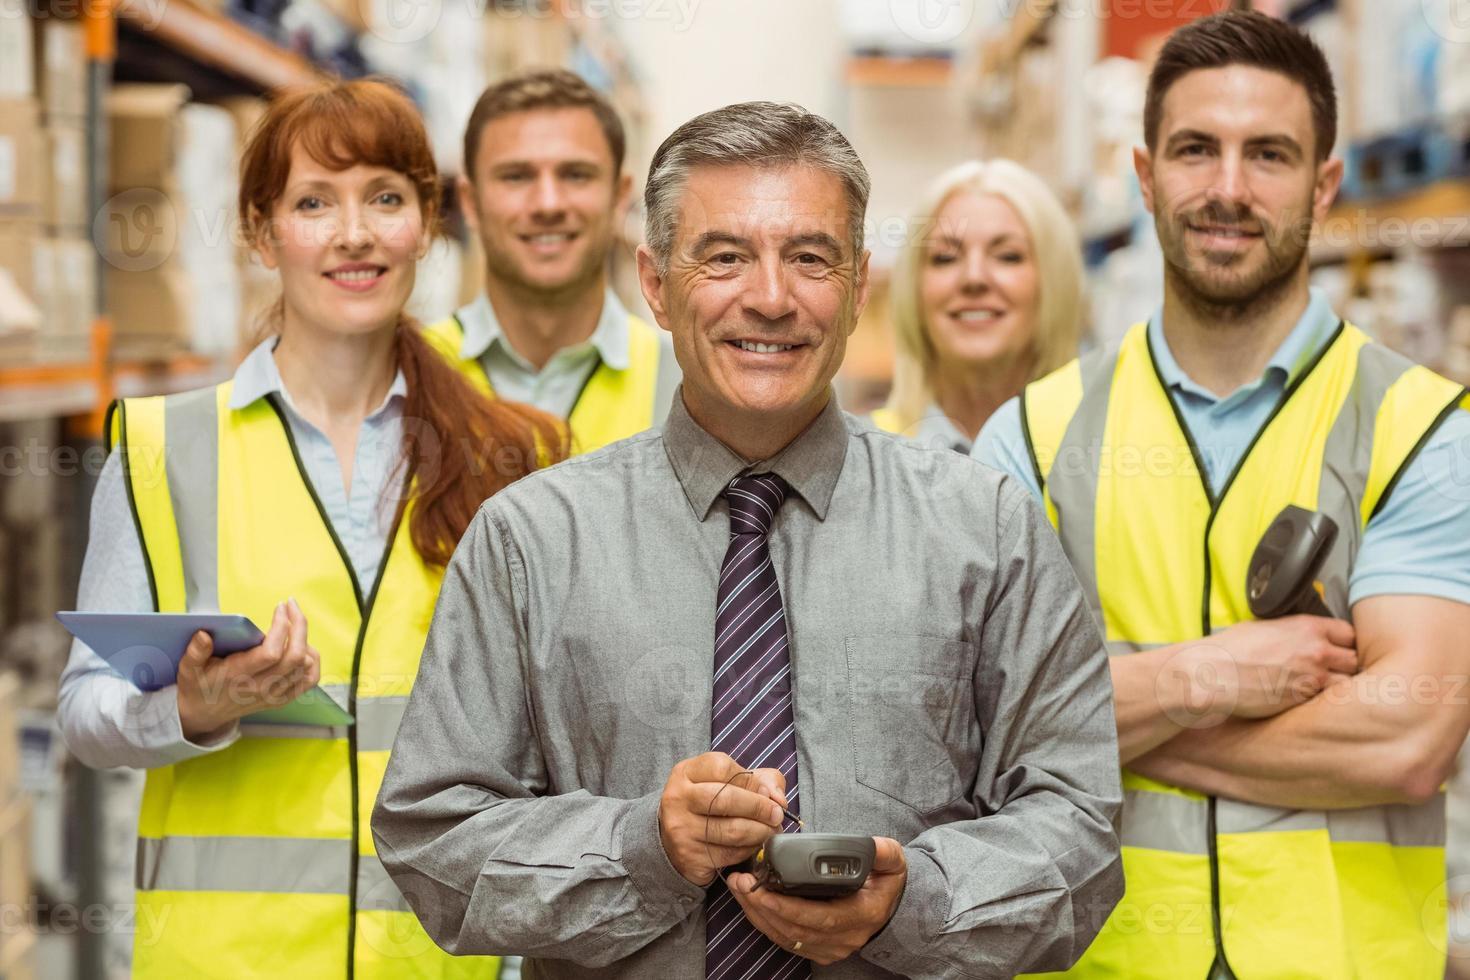 glimlachend magazijn team met gekruiste armen foto